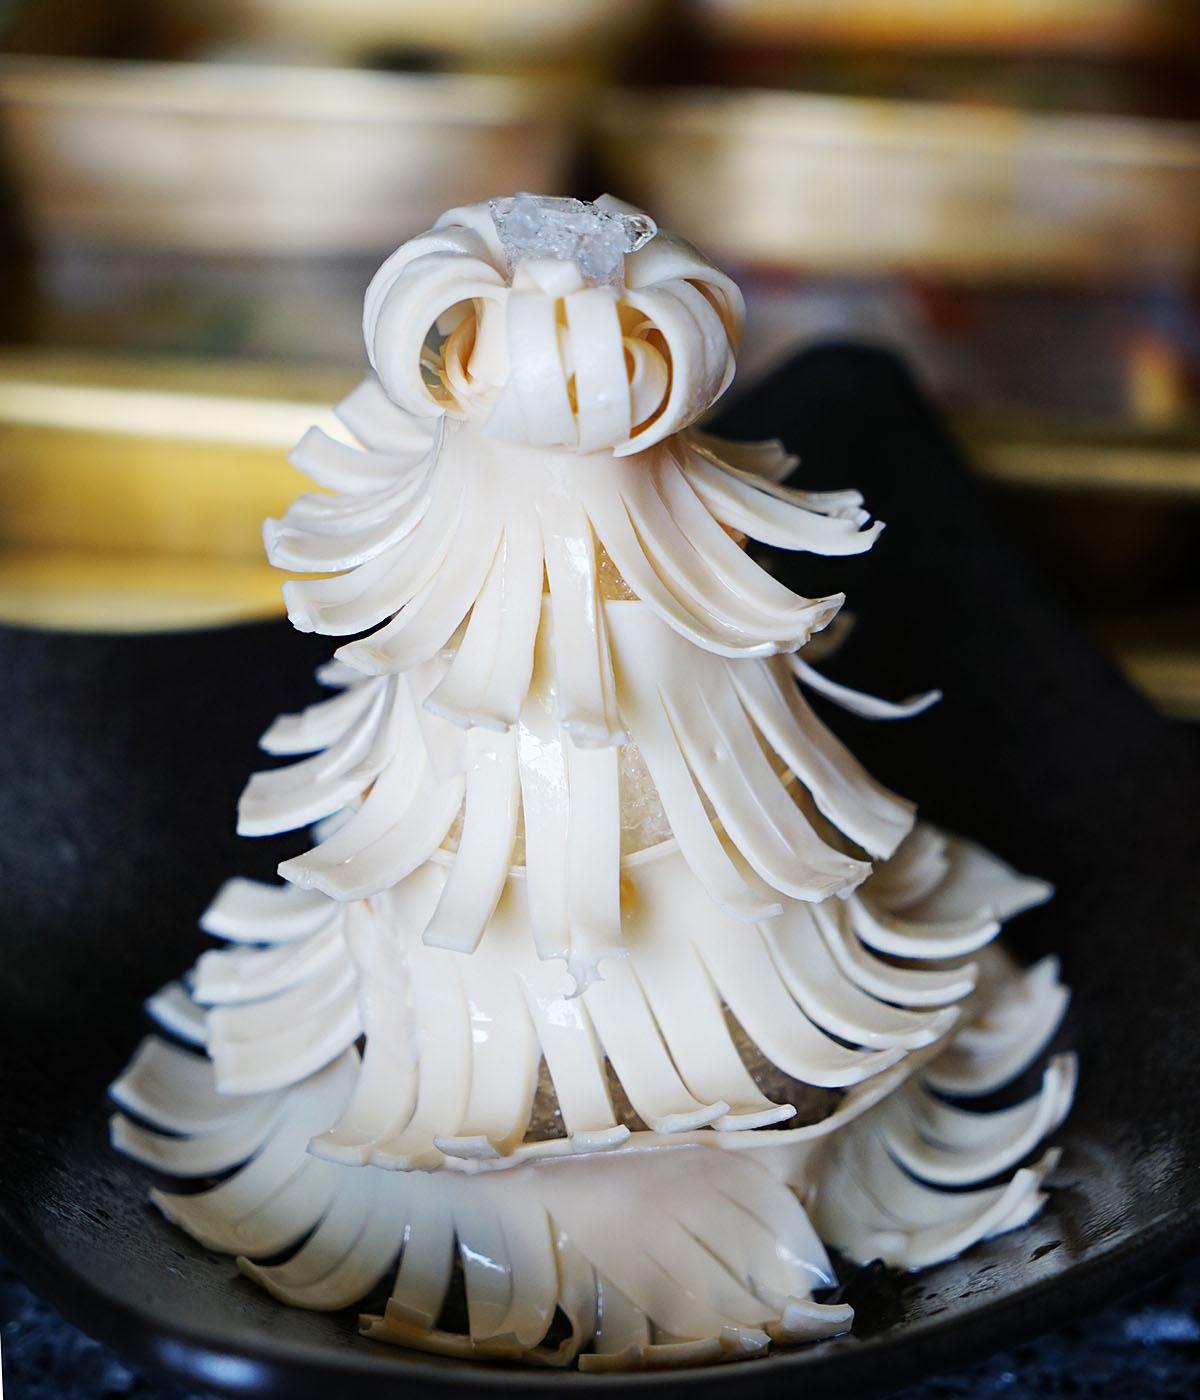 比起一些火锅店粗放的摆盘方式,王家渡的菜品摆盘精致,让请客的人